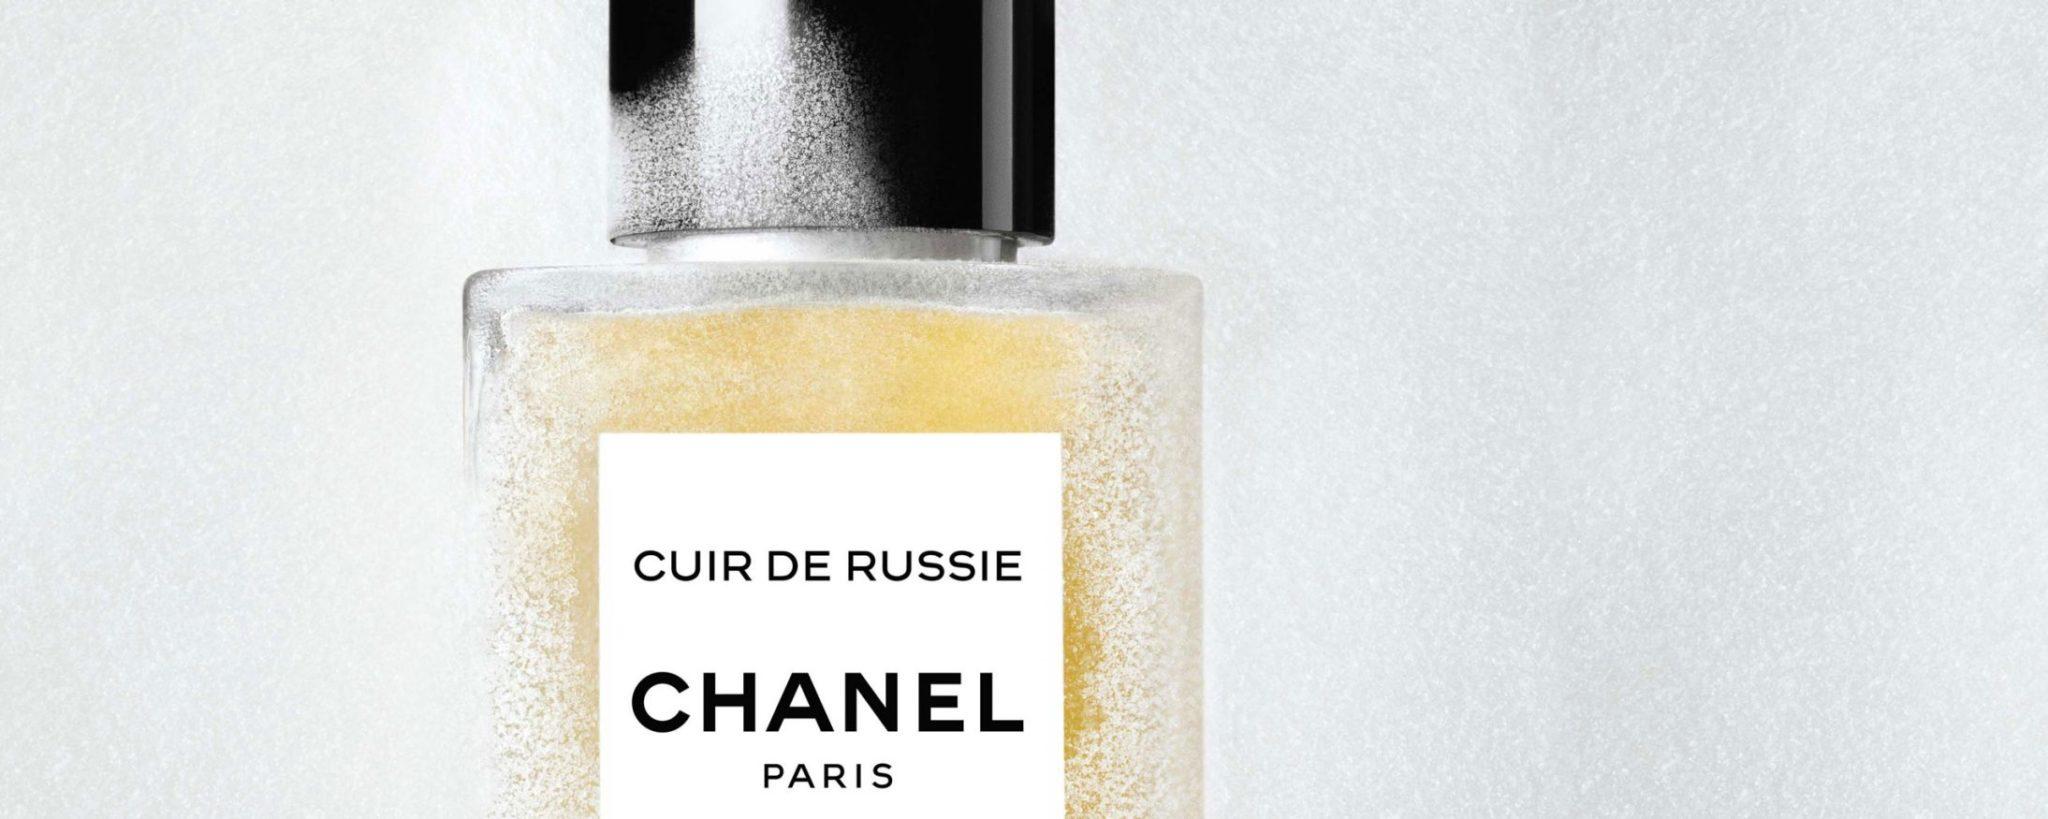 Chanel Les Exclusifs Cuir de Russie eau de parfum Esprit de Gabrielle espritdegabrielle.com